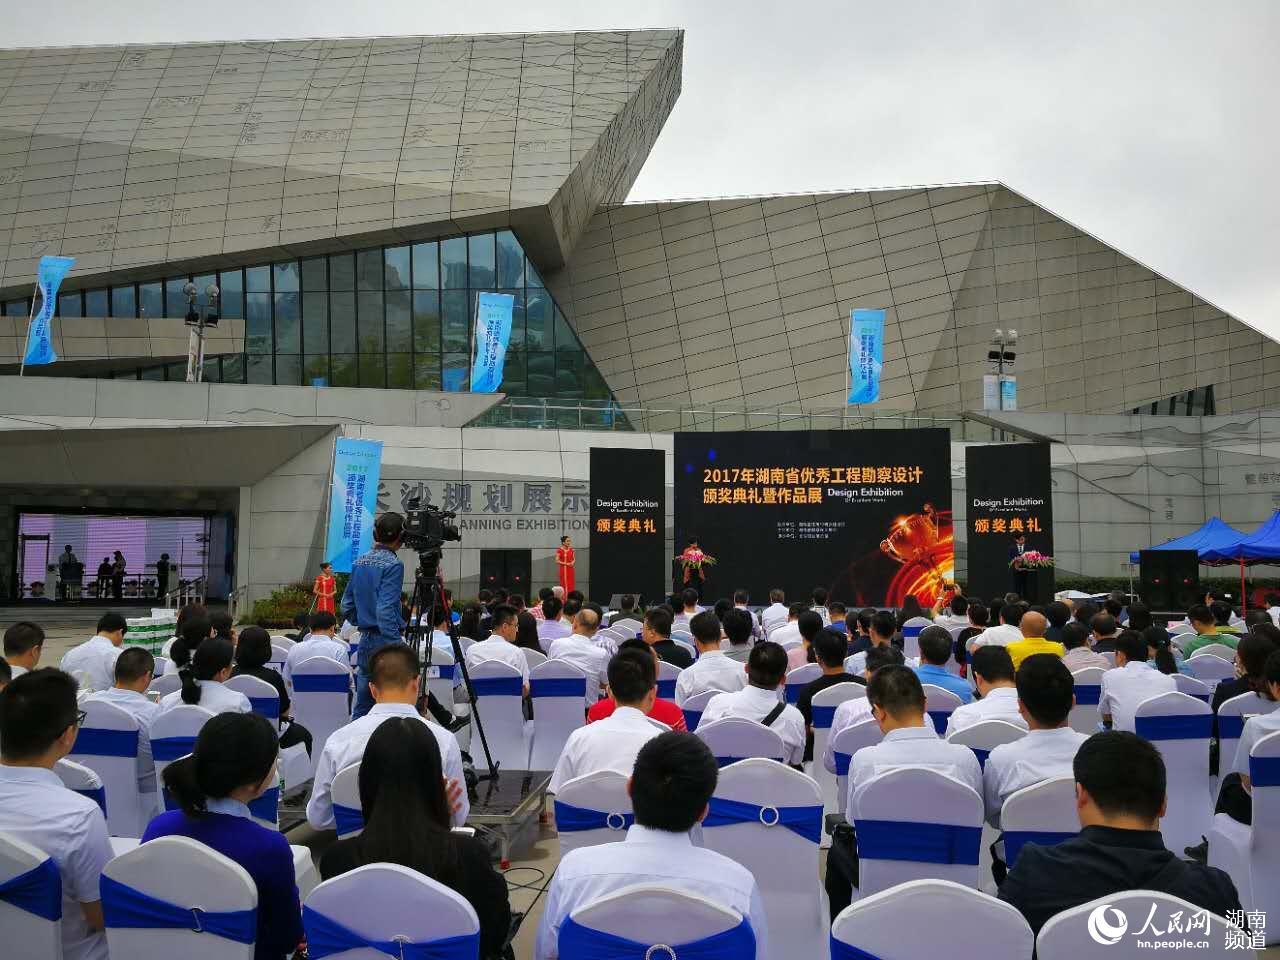 [资讯] 湖湘最美建筑 尽在长沙规划展示馆(18P) - 路人@行者 - 路人@行者